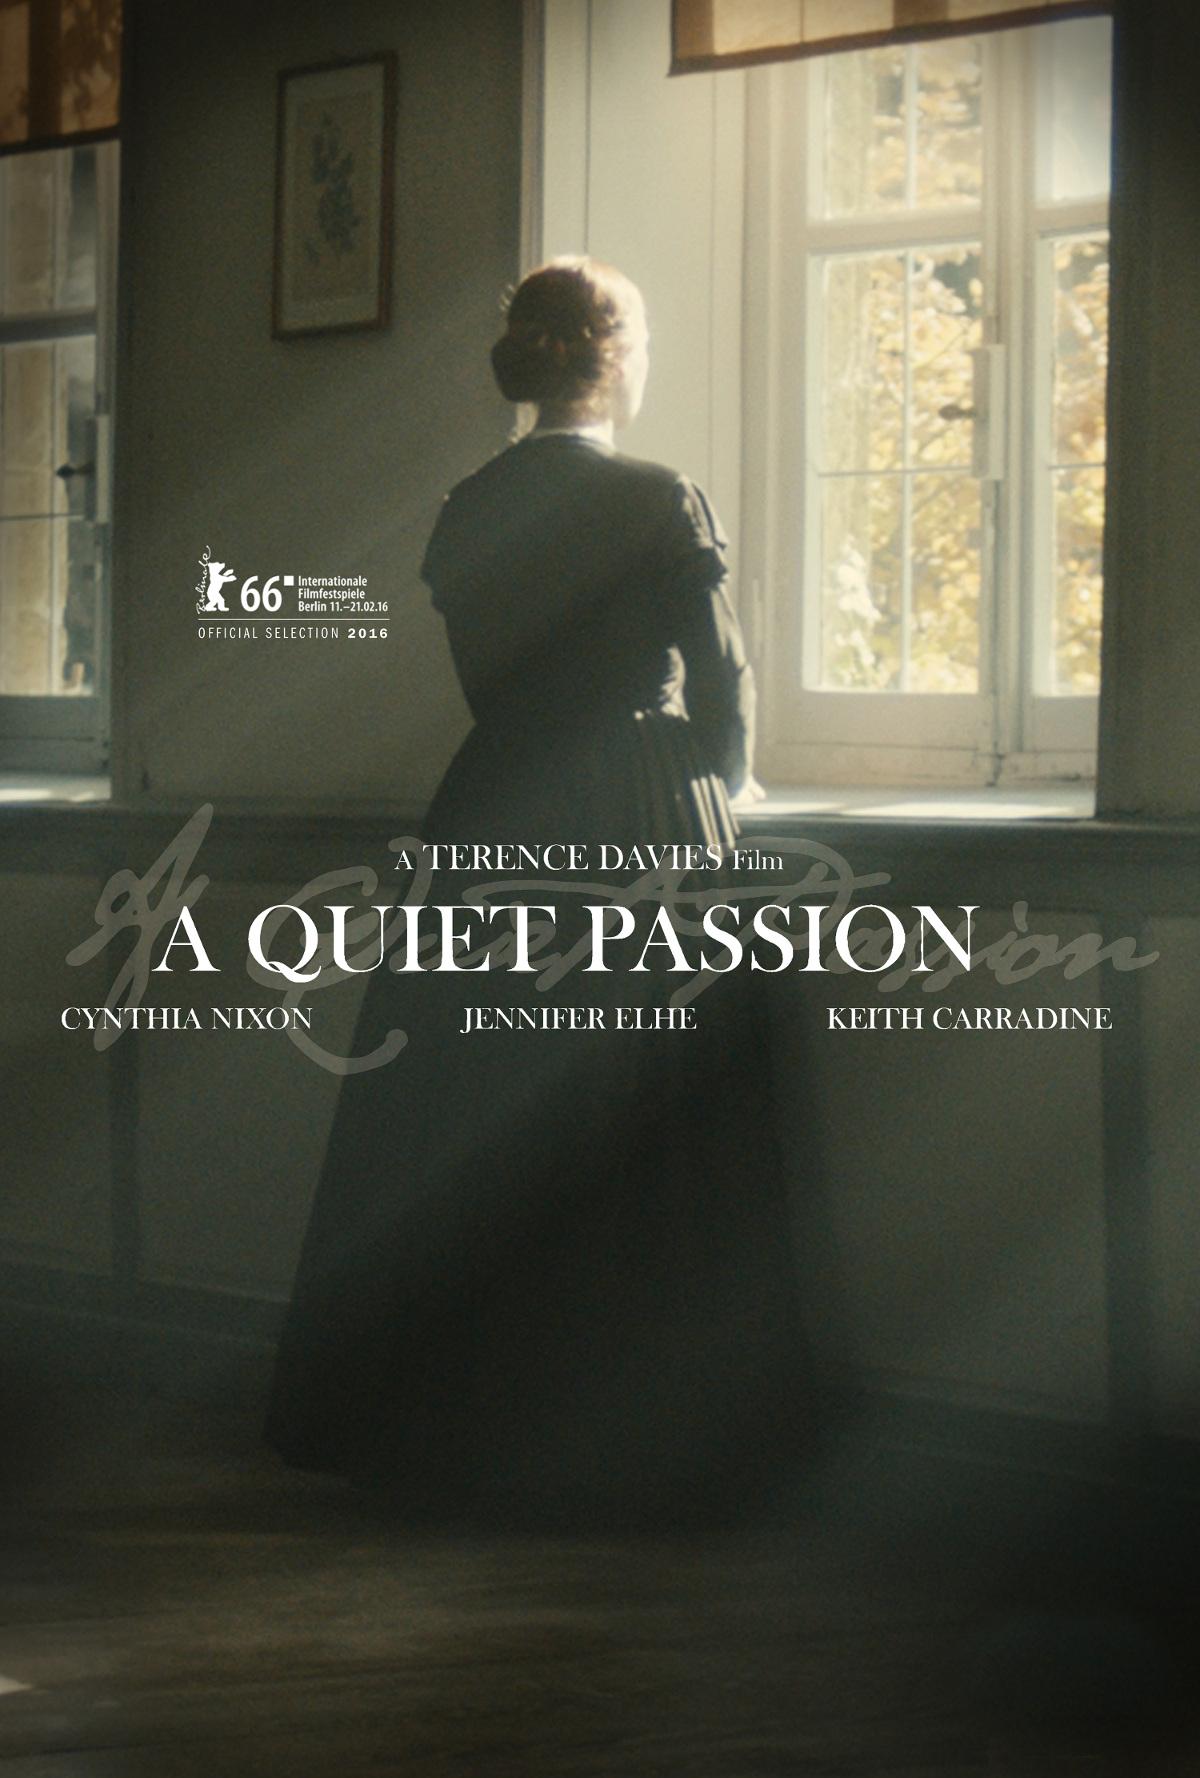 AQuietPassion